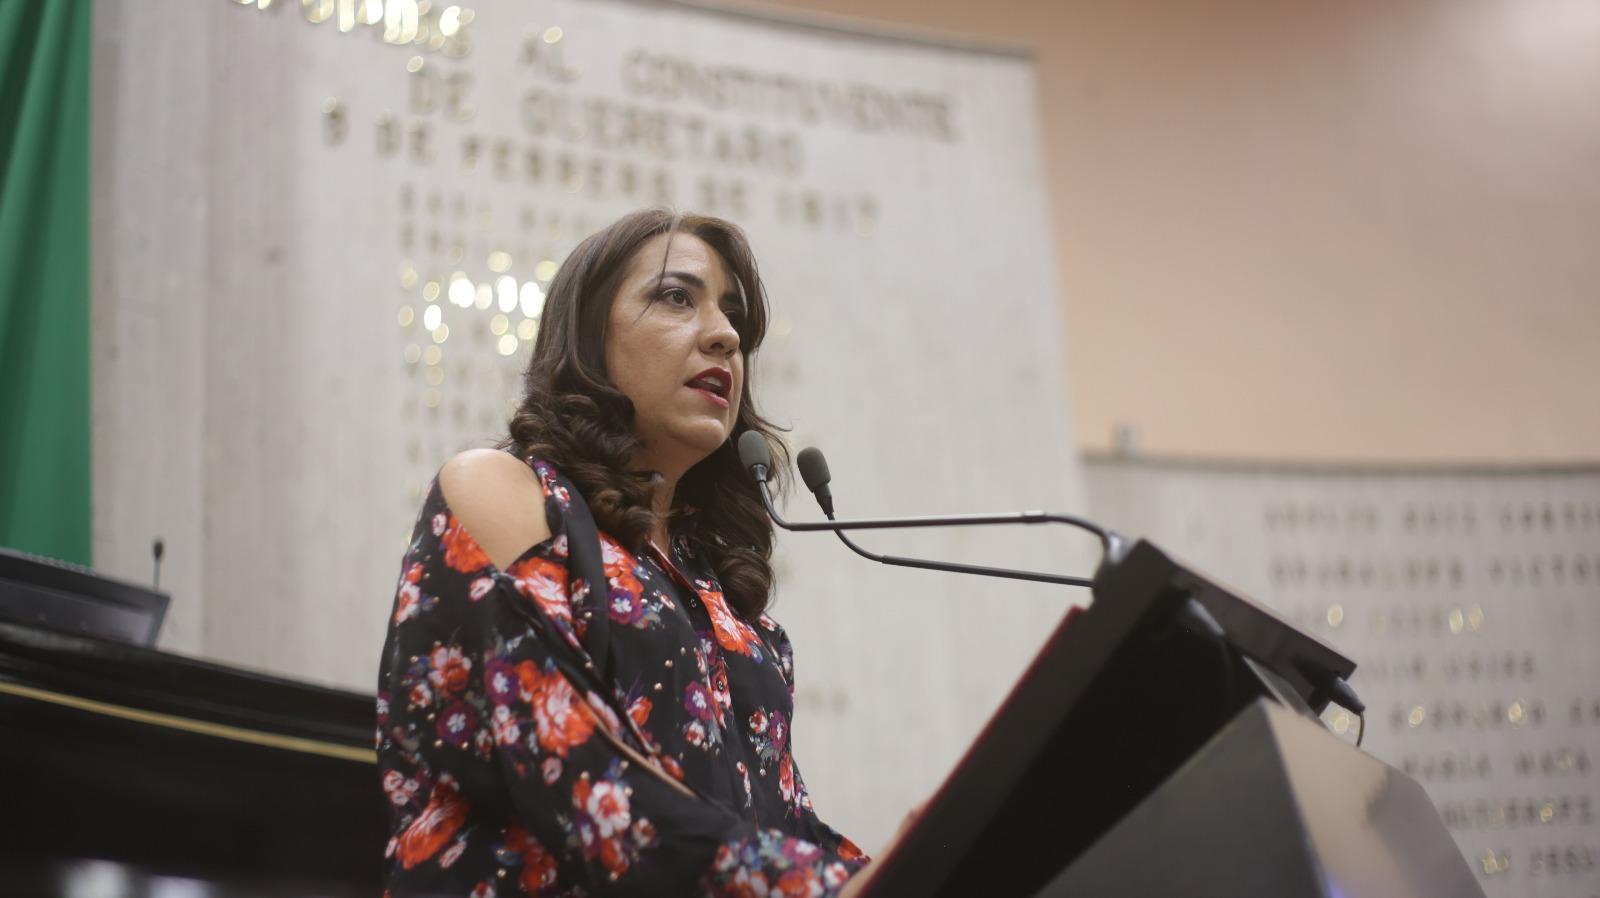 Leyes veracruzanas deben prohibir la violencia política: Teresita Zuccolotto